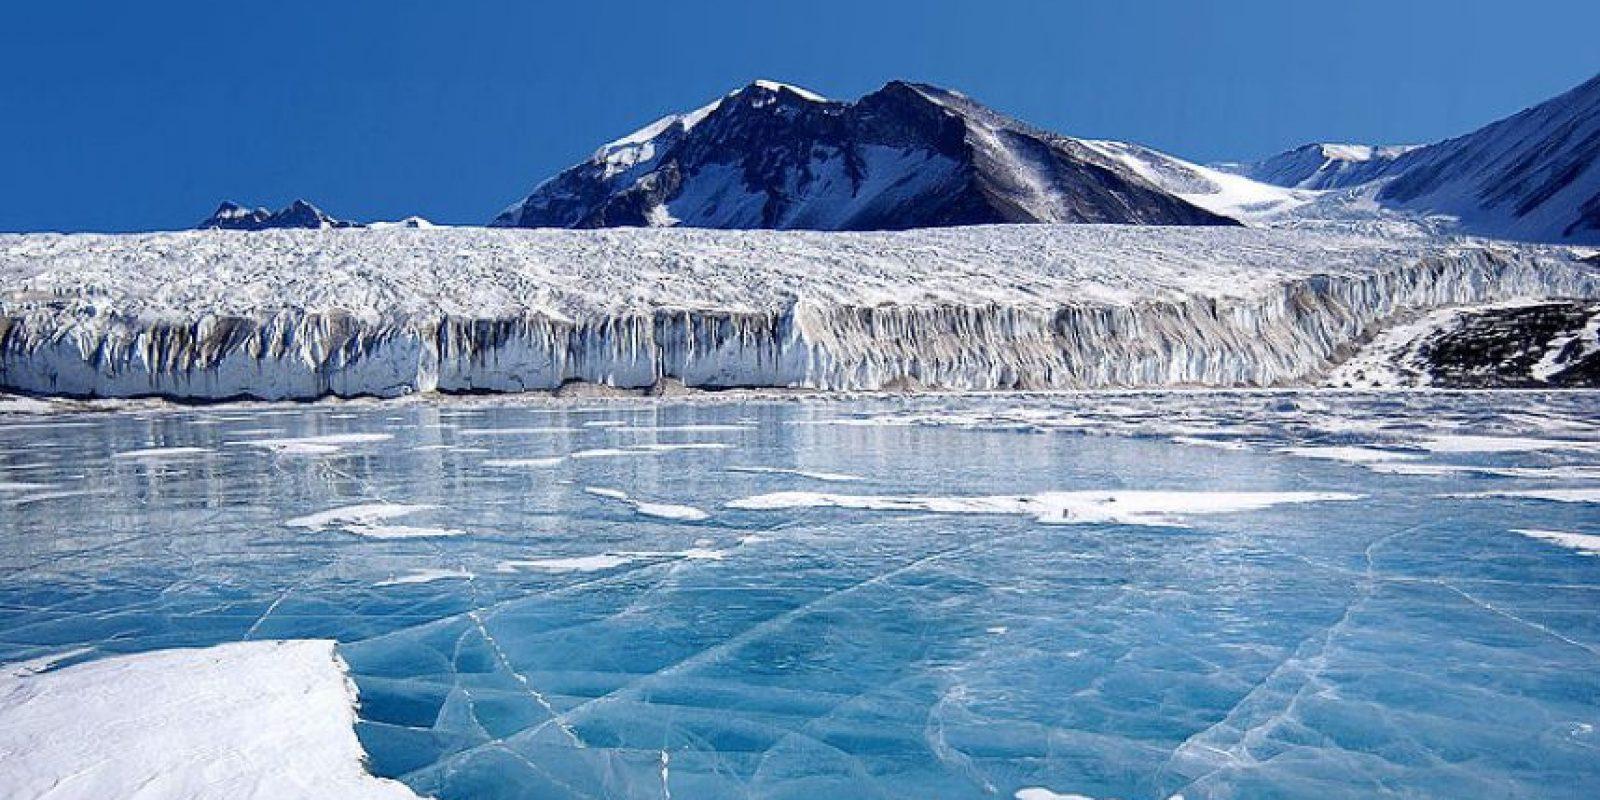 Una expedición de 21 días en velero por la Antártida. Foto:Wikimedia